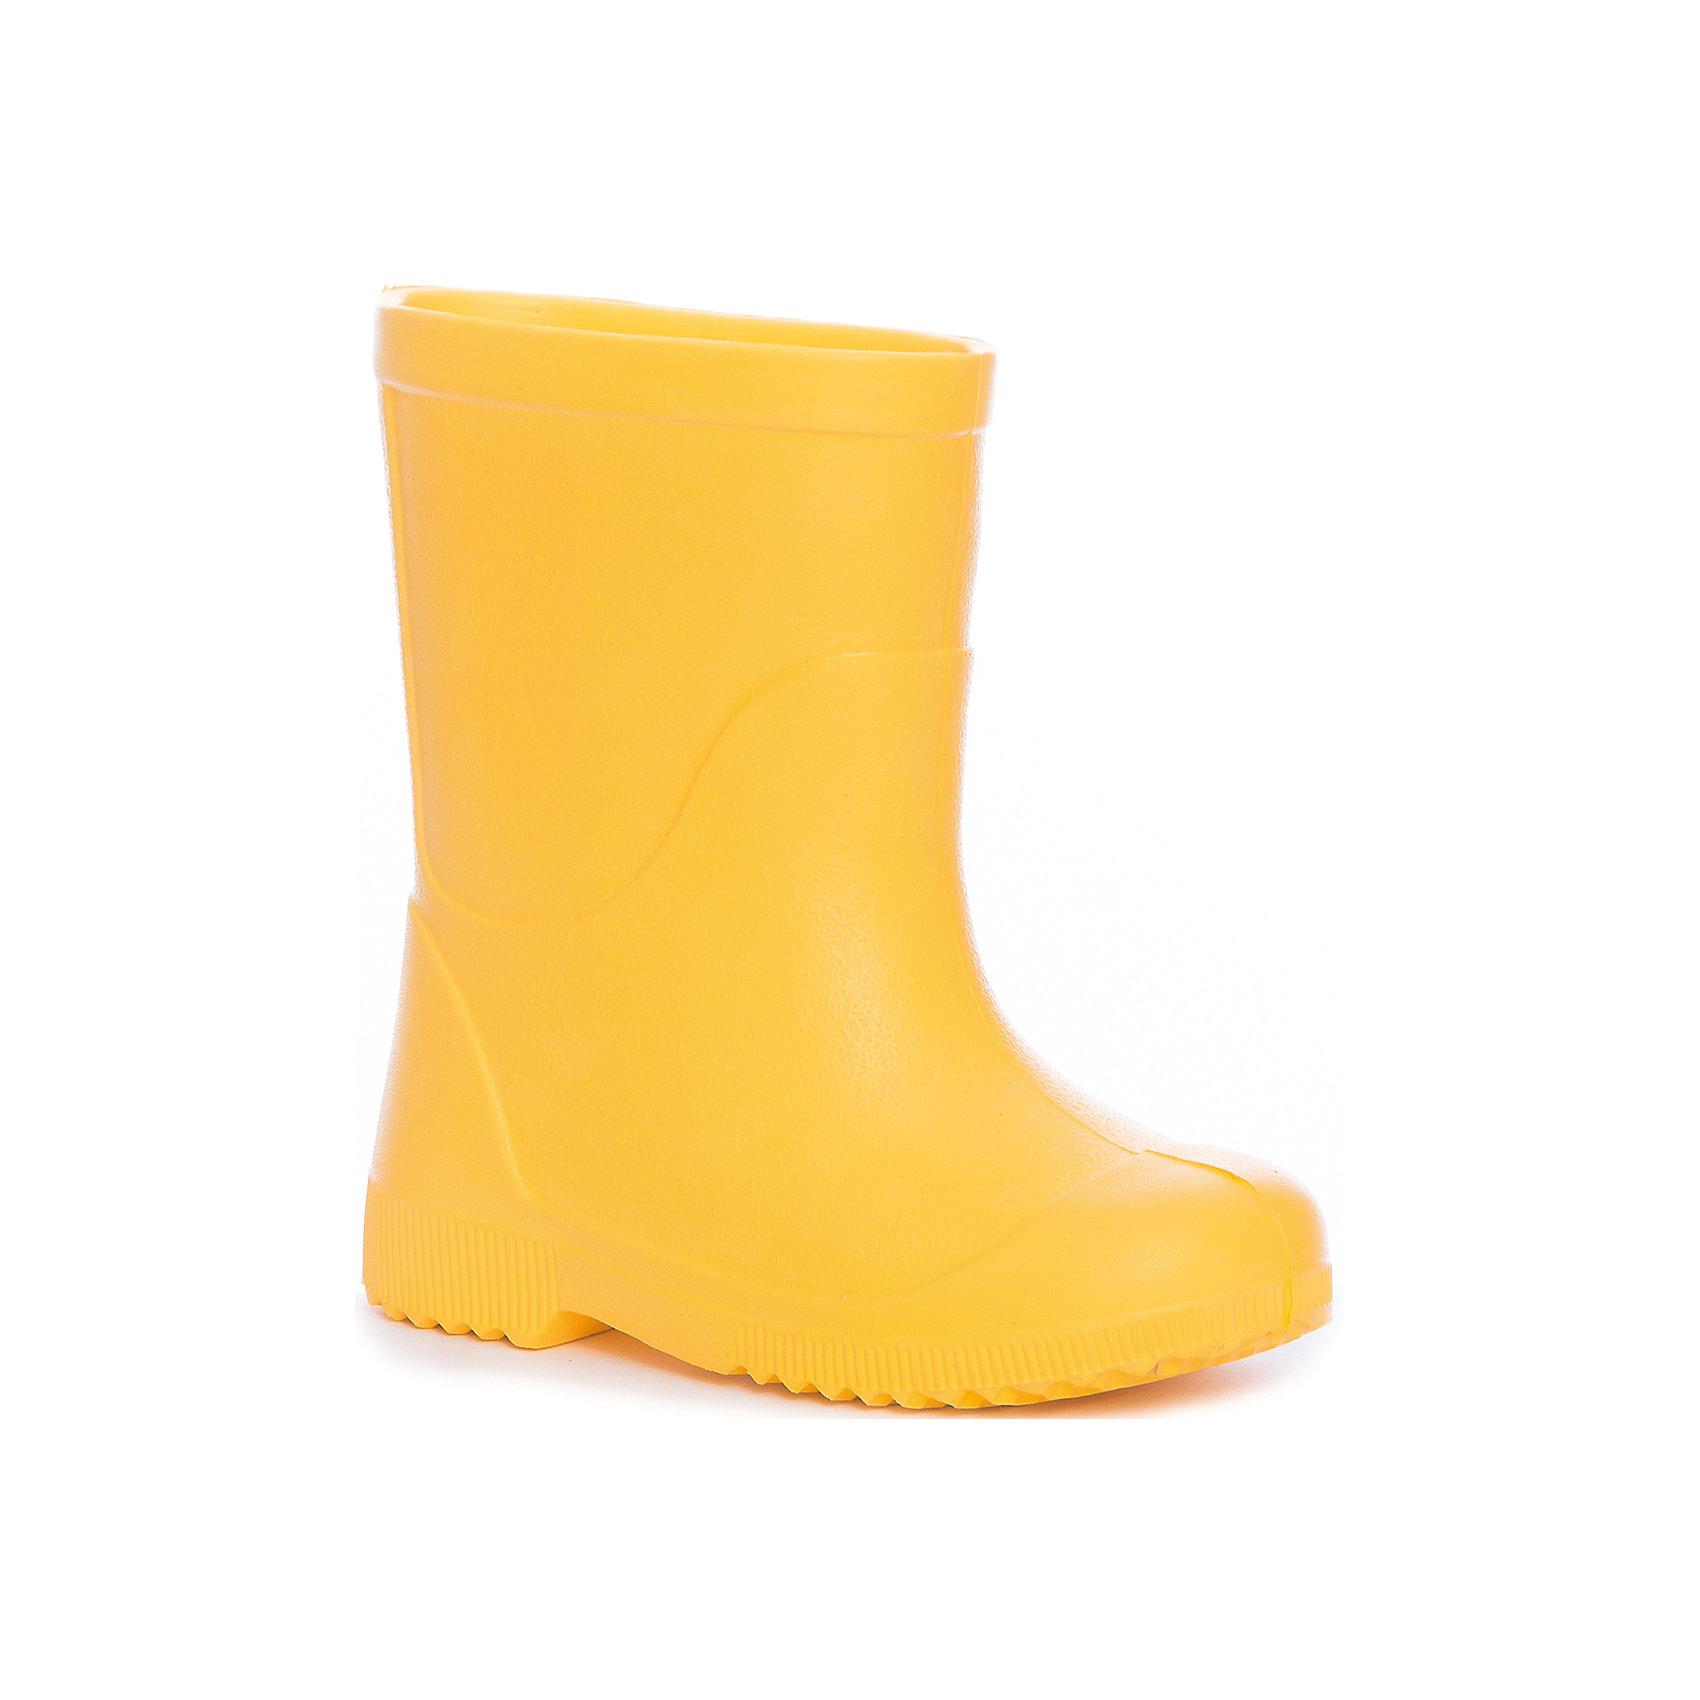 Резиновые сапоги NordmanРезиновые сапоги<br>Характеристики товара:<br><br>• цвет: желтый<br>• материал верха: ЭВА<br>• подклад: ЭВА<br>• стелька: ЭВА<br>• подошва: ЭВА<br>• сезон: демисезон<br>• температурный режим: от +10<br>• непромокаемые<br>• подошва не скользит<br>• анатомические <br>• страна бренда: Россия<br>• страна изготовитель: Россия<br><br>Резиновые сапоги желтого цвета. Сапоги выполнены их ЭВА материала, что делает их очень легкими. Резиновые на рифленой подошве, без подкладки. <br><br>Резиновые сапоги Nordman (Нордман) можно купить в нашем интернет-магазине.<br><br>Ширина мм: 257<br>Глубина мм: 180<br>Высота мм: 130<br>Вес г: 420<br>Цвет: желтый<br>Возраст от месяцев: 132<br>Возраст до месяцев: 144<br>Пол: Унисекс<br>Возраст: Детский<br>Размер: 34/35,22/23,24/25,26/27,28/29,30/31,32/33<br>SKU: 6867261